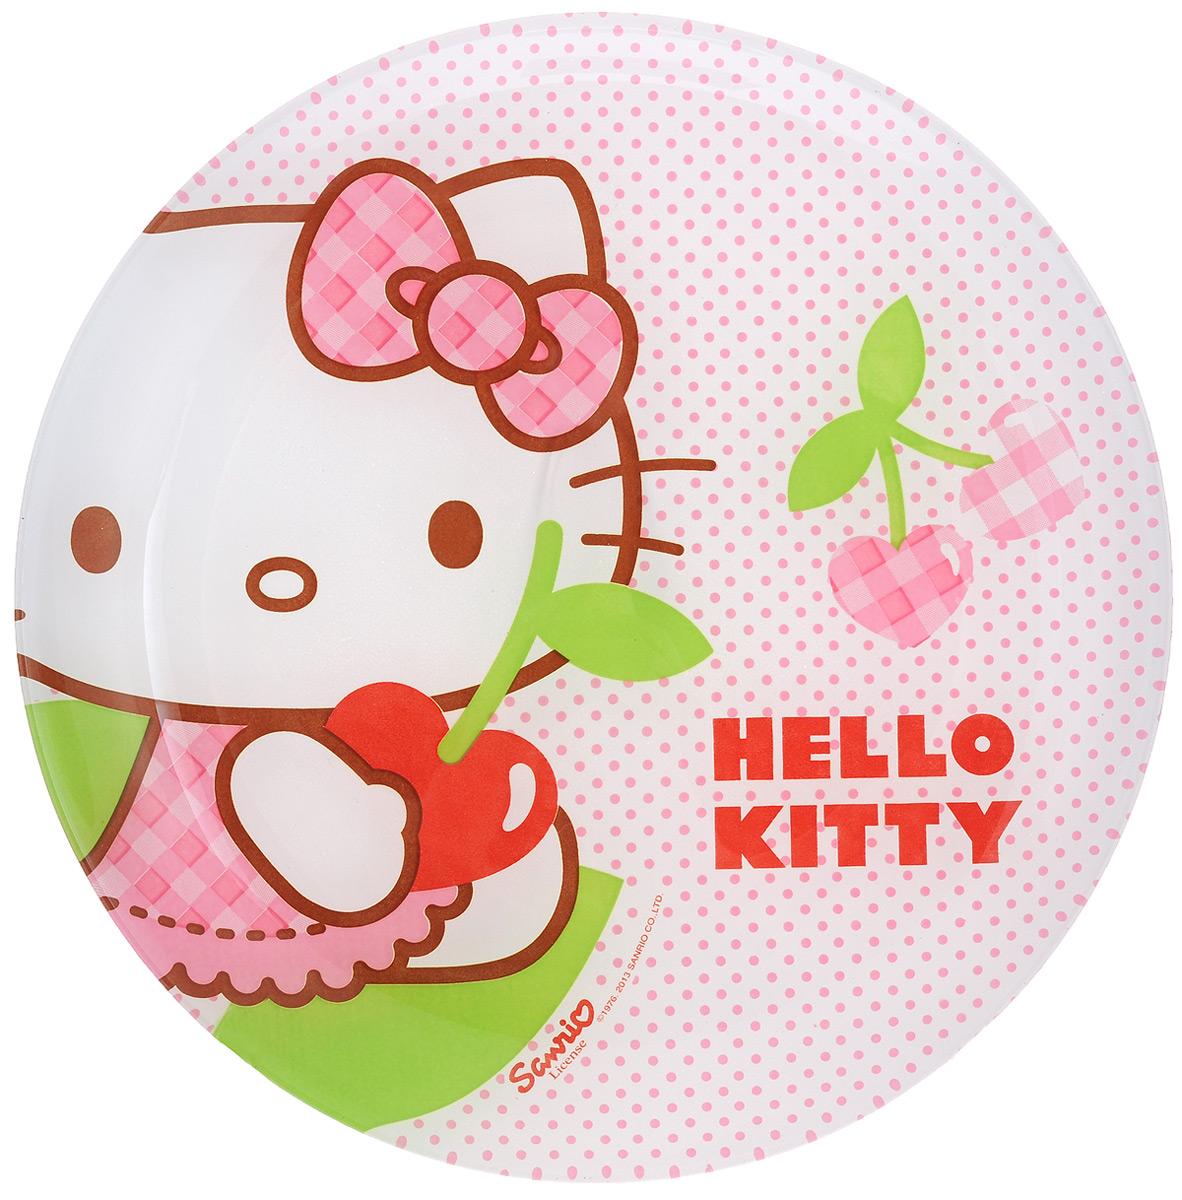 Тарелка десертная Luminarc Hello Kitty Cherries, диаметр 20,5 см54 009312Десертная тарелка Luminarc Hello Kitty Cherries, изготовленная из ударопрочного стекла, имеет изысканный внешний вид. Такая тарелка прекрасно подходит как для торжественных случаев, так и для повседневного использования. Идеальна для подачи десертов, пирожных, тортов и многого другого. Она прекрасно оформит стол и станет отличным дополнением к вашей коллекции кухонной посуды. Диаметр тарелки (по верхнему краю): 20,5 см.